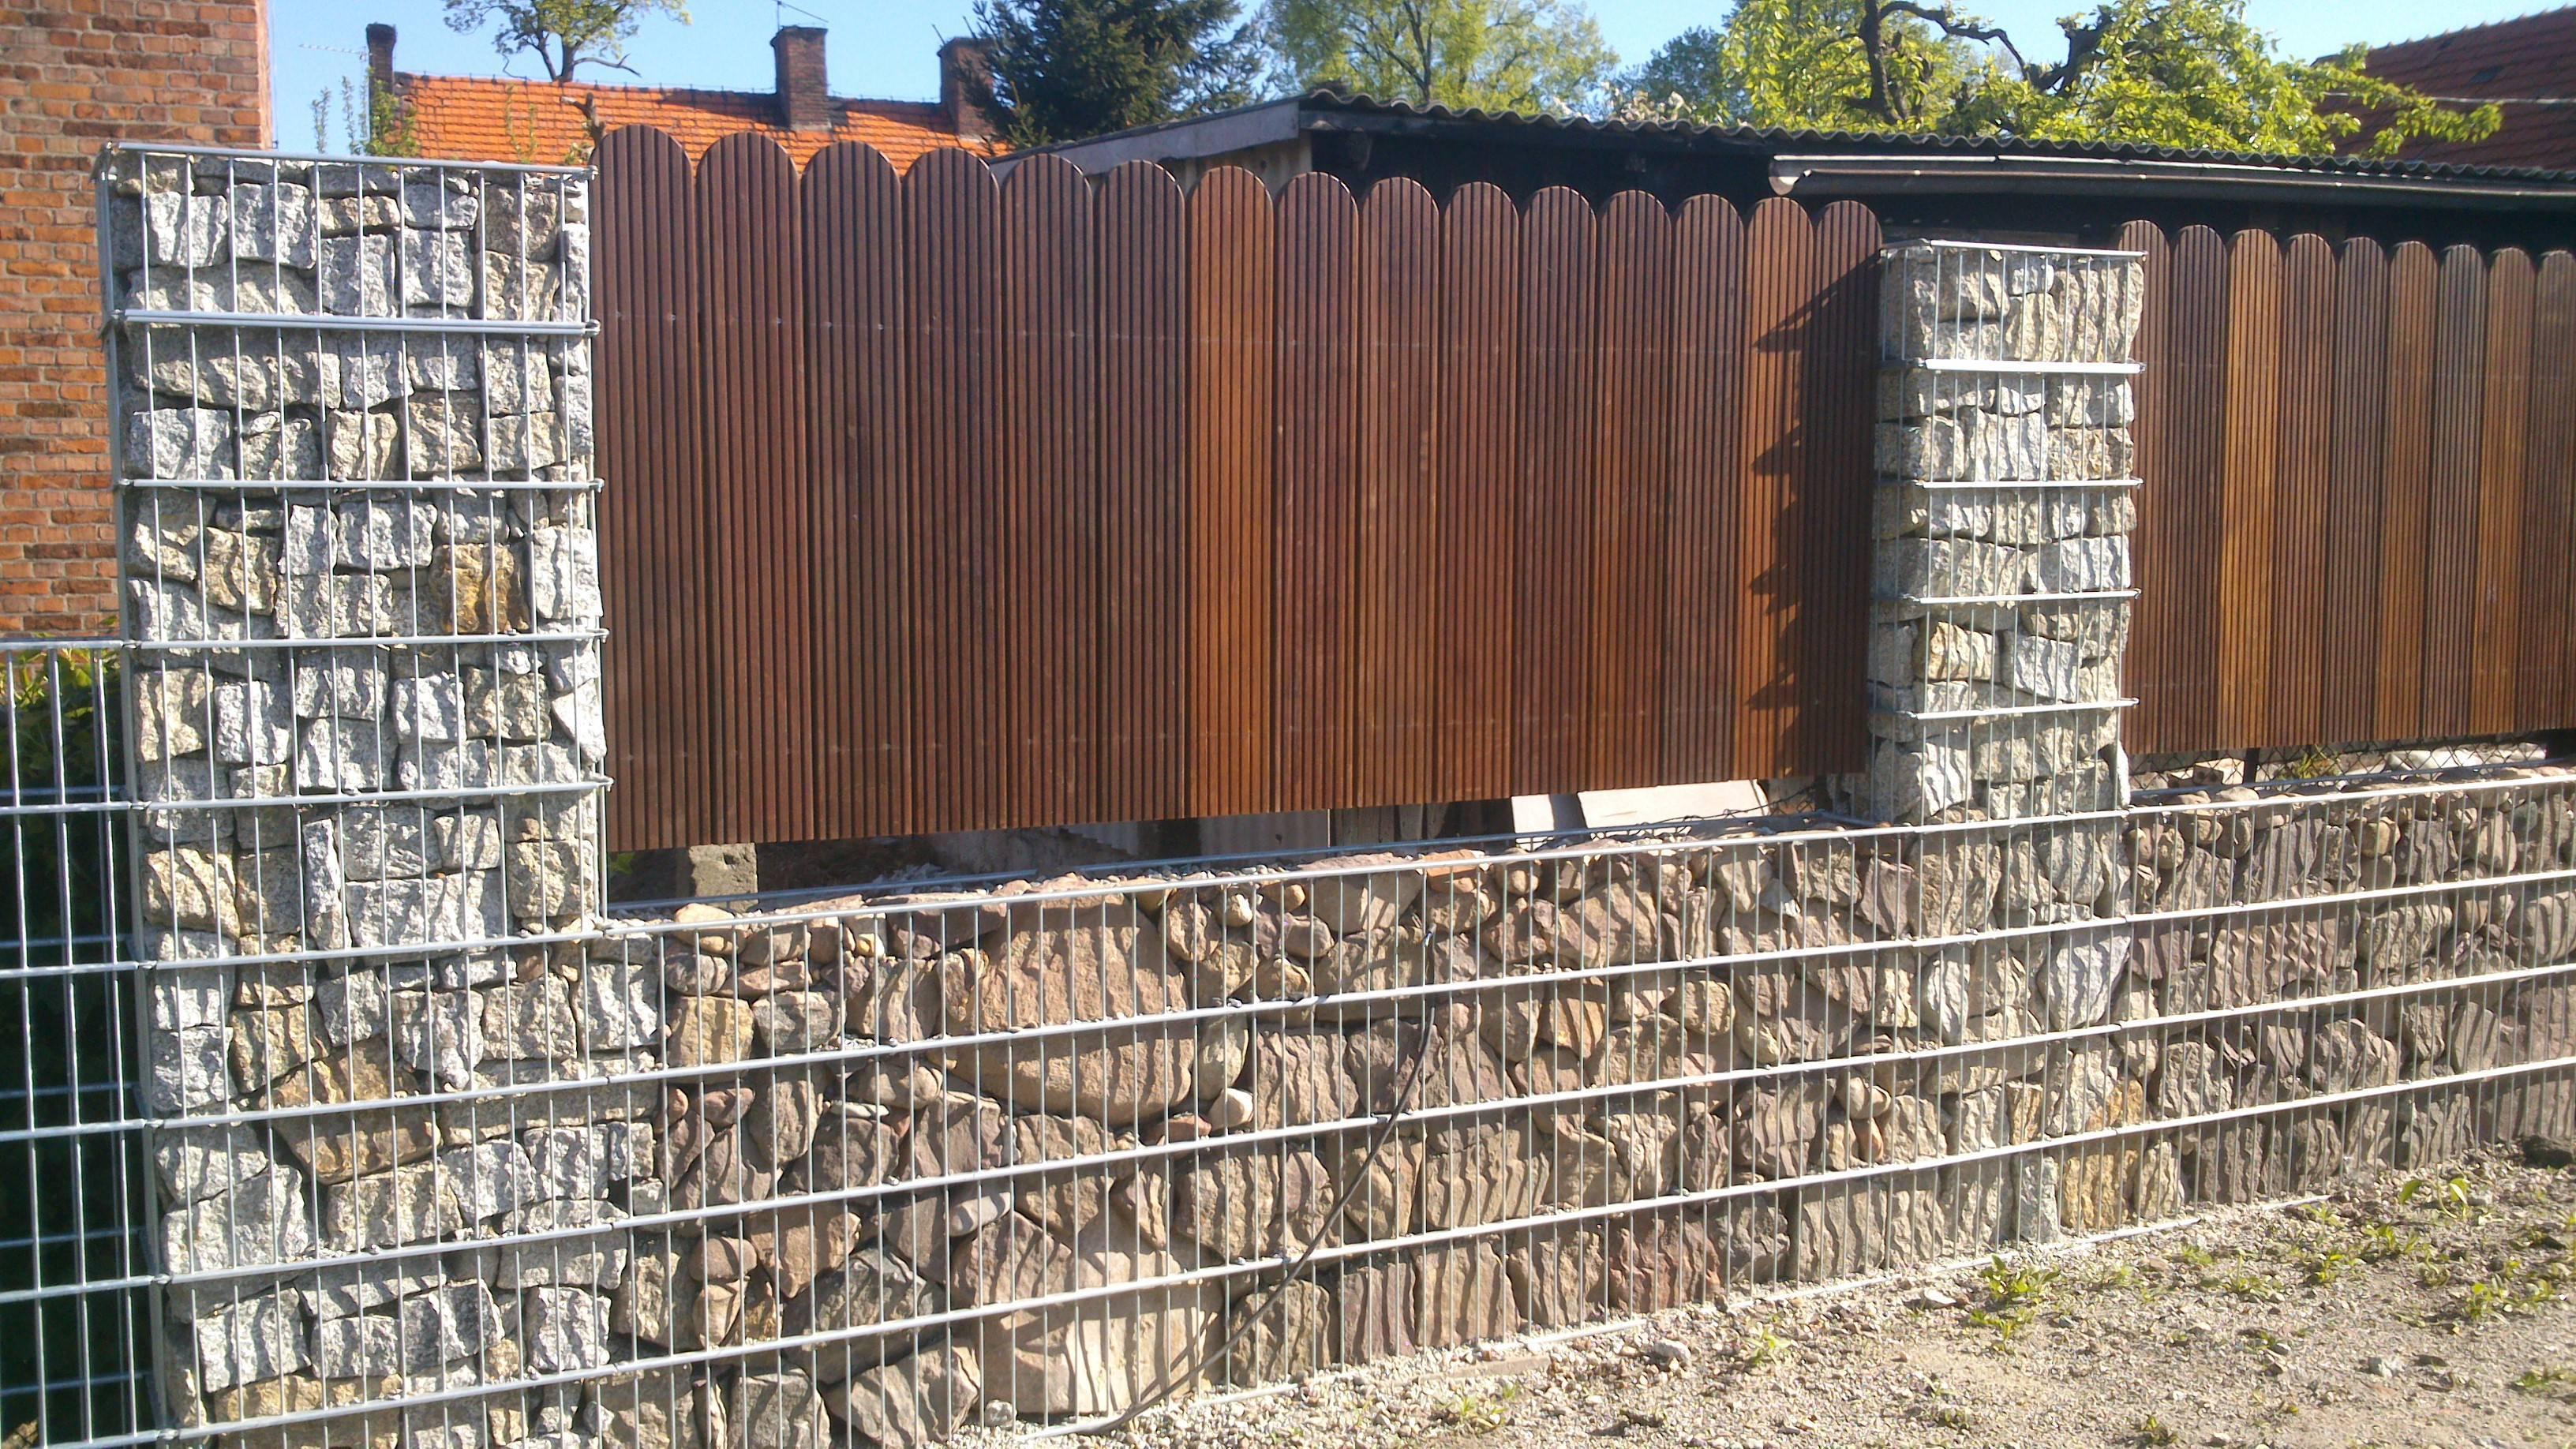 Дизайн калиток, ворот и забора частного дома, металлические кованые ограждения, дерево и профнастил в дизайне участка, 50 фото-идей